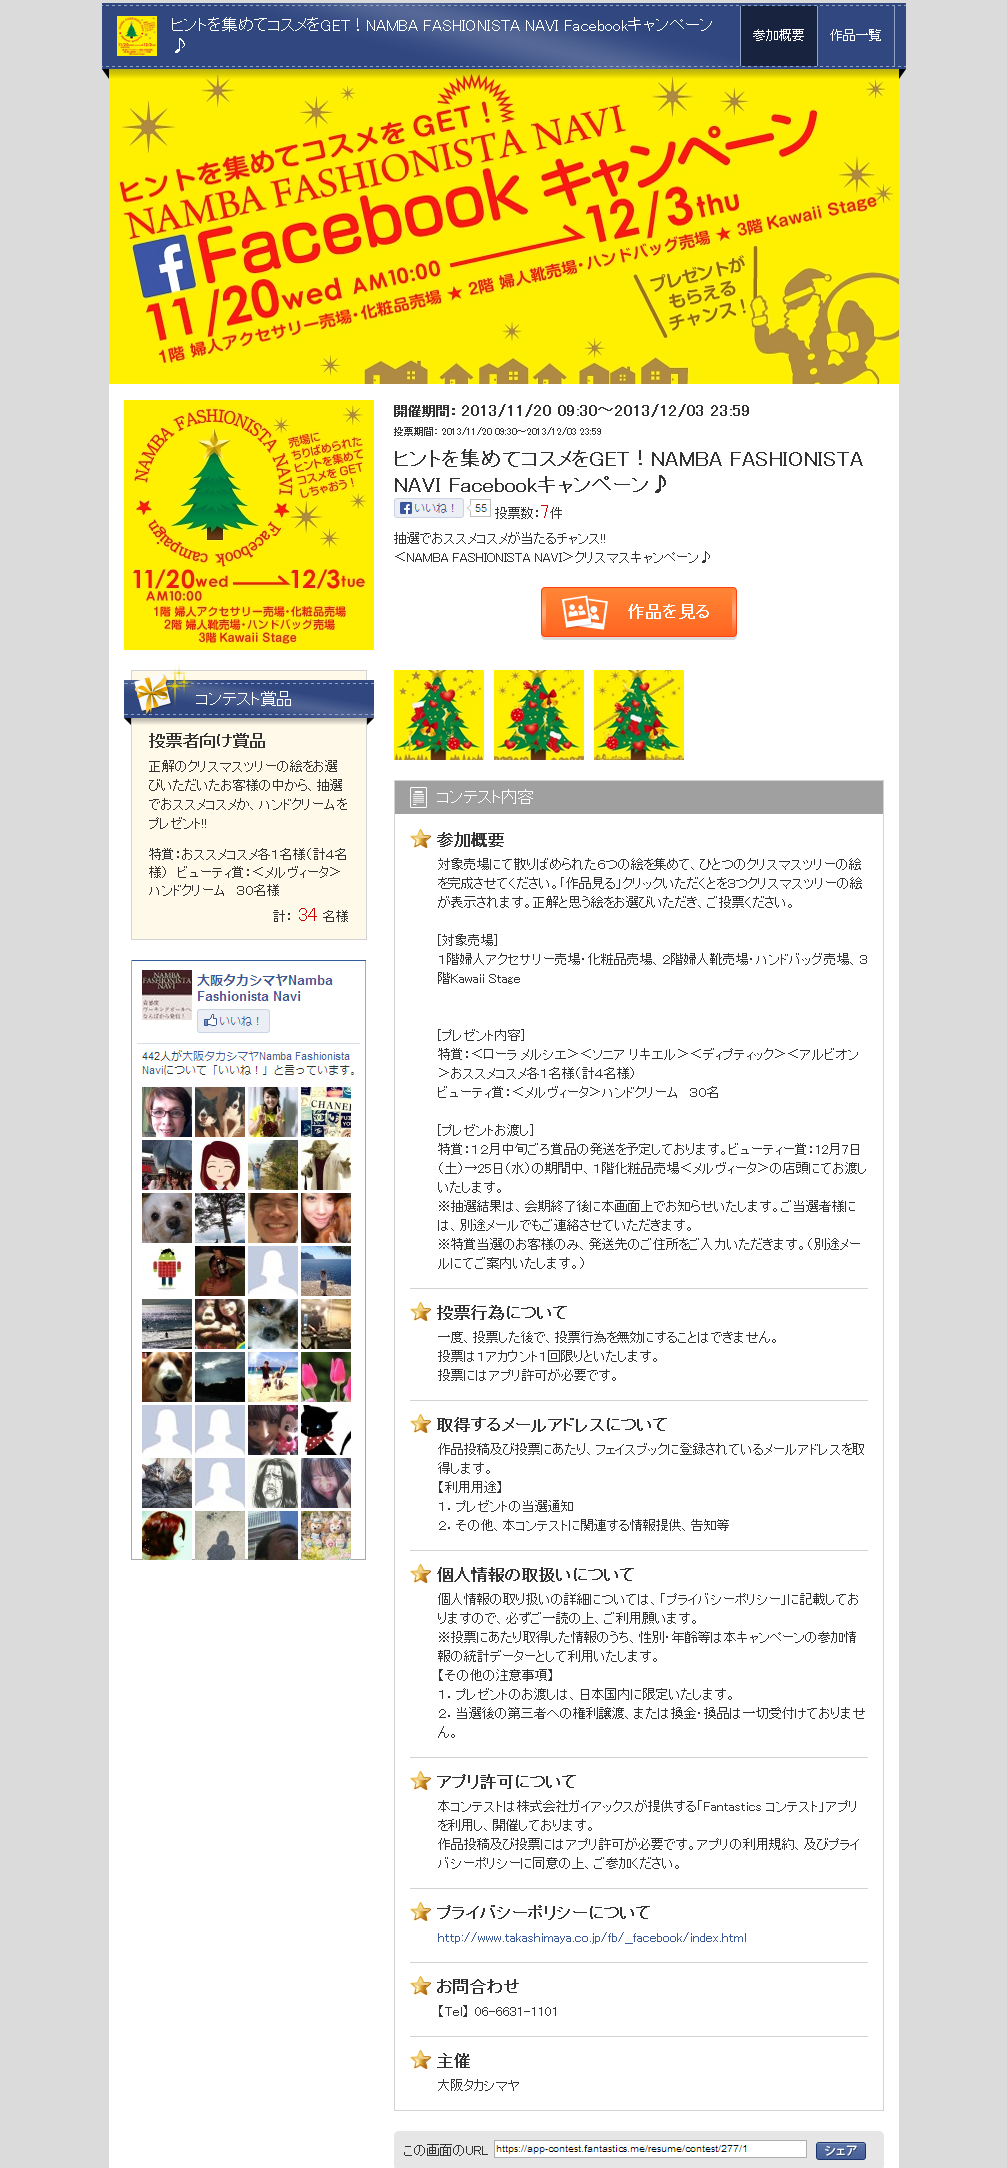 Fantastics 投票コンテスト(株式会社高島屋様)